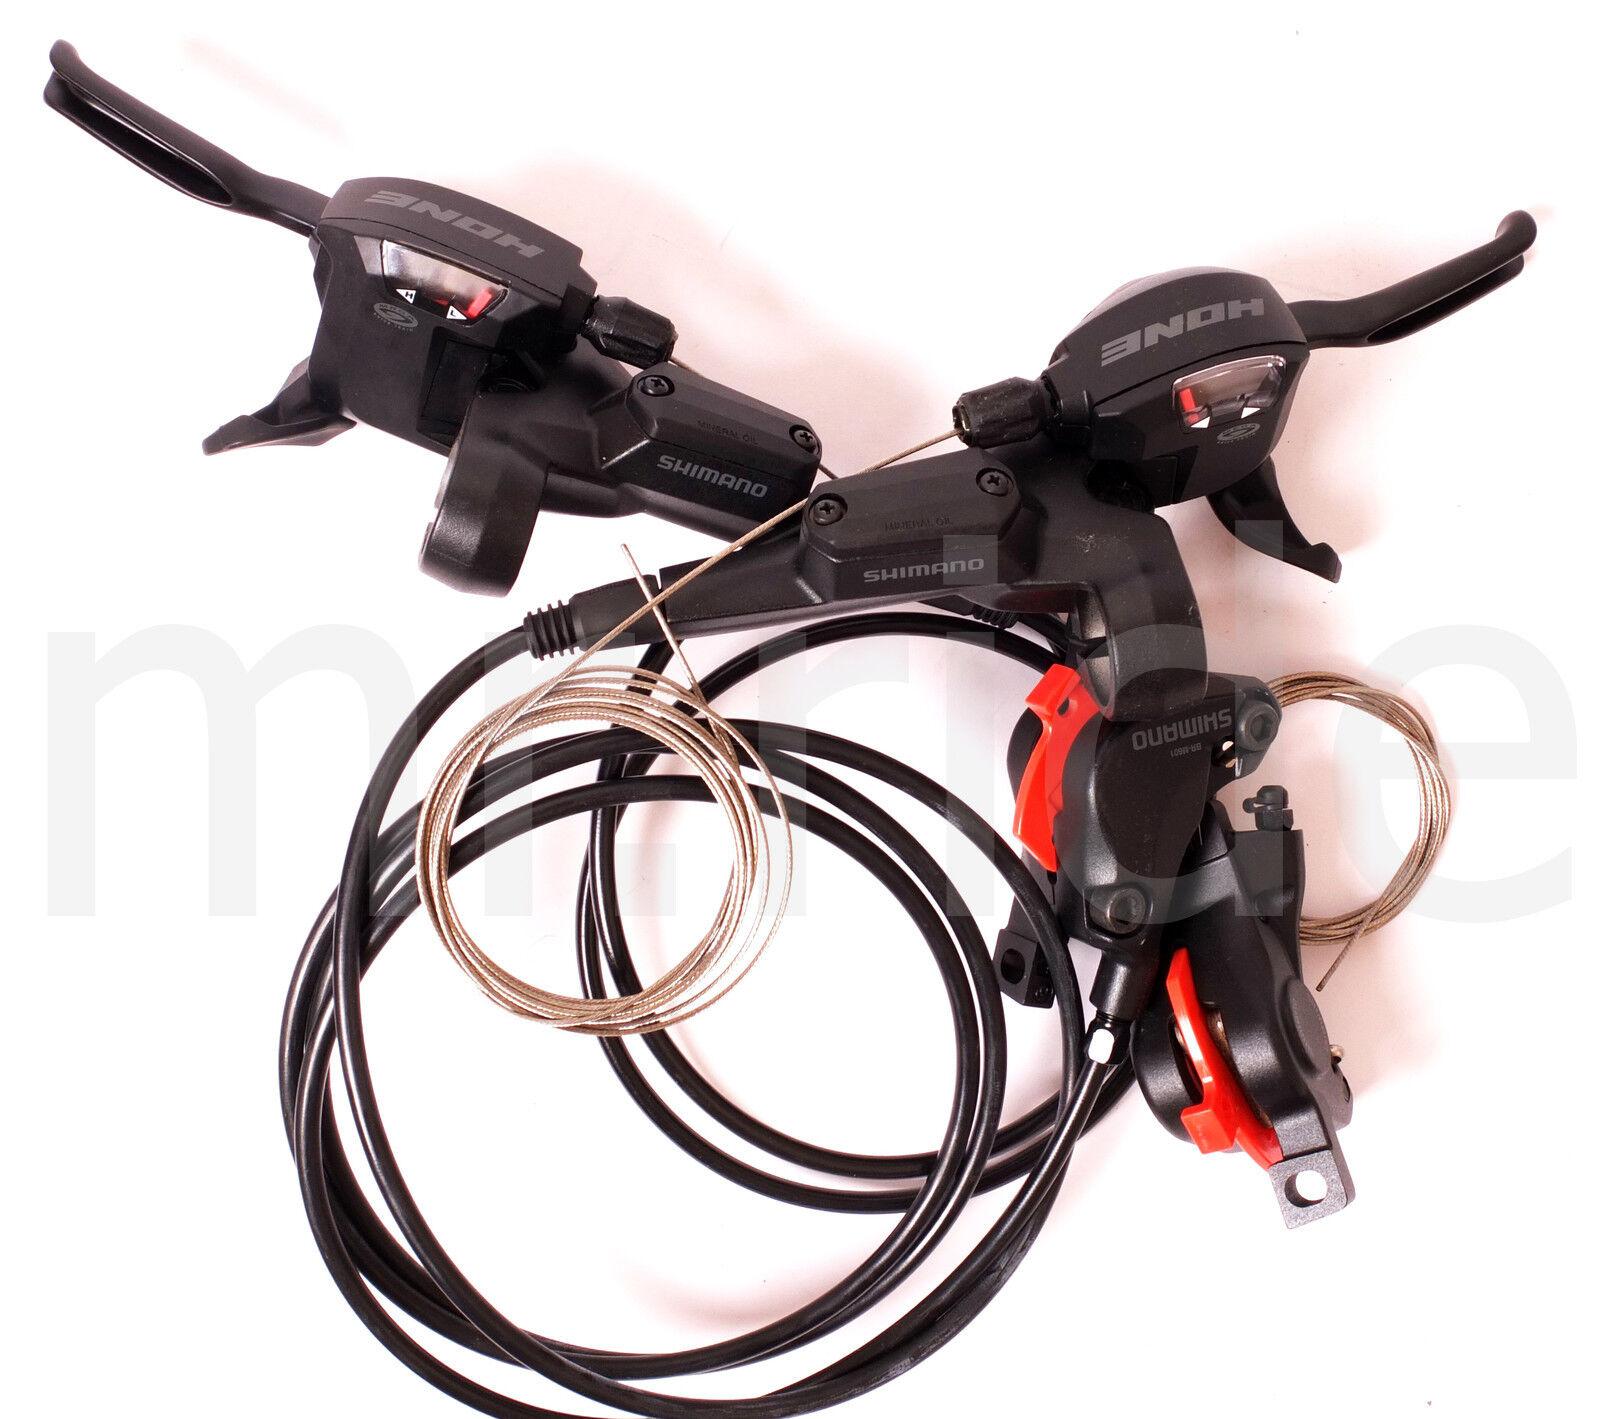 2in1 Shimano Hone ST-M600 Bicicleta, Bicicleta Palanca De Cambios, Freno de Disco Hidráulico Set Negro